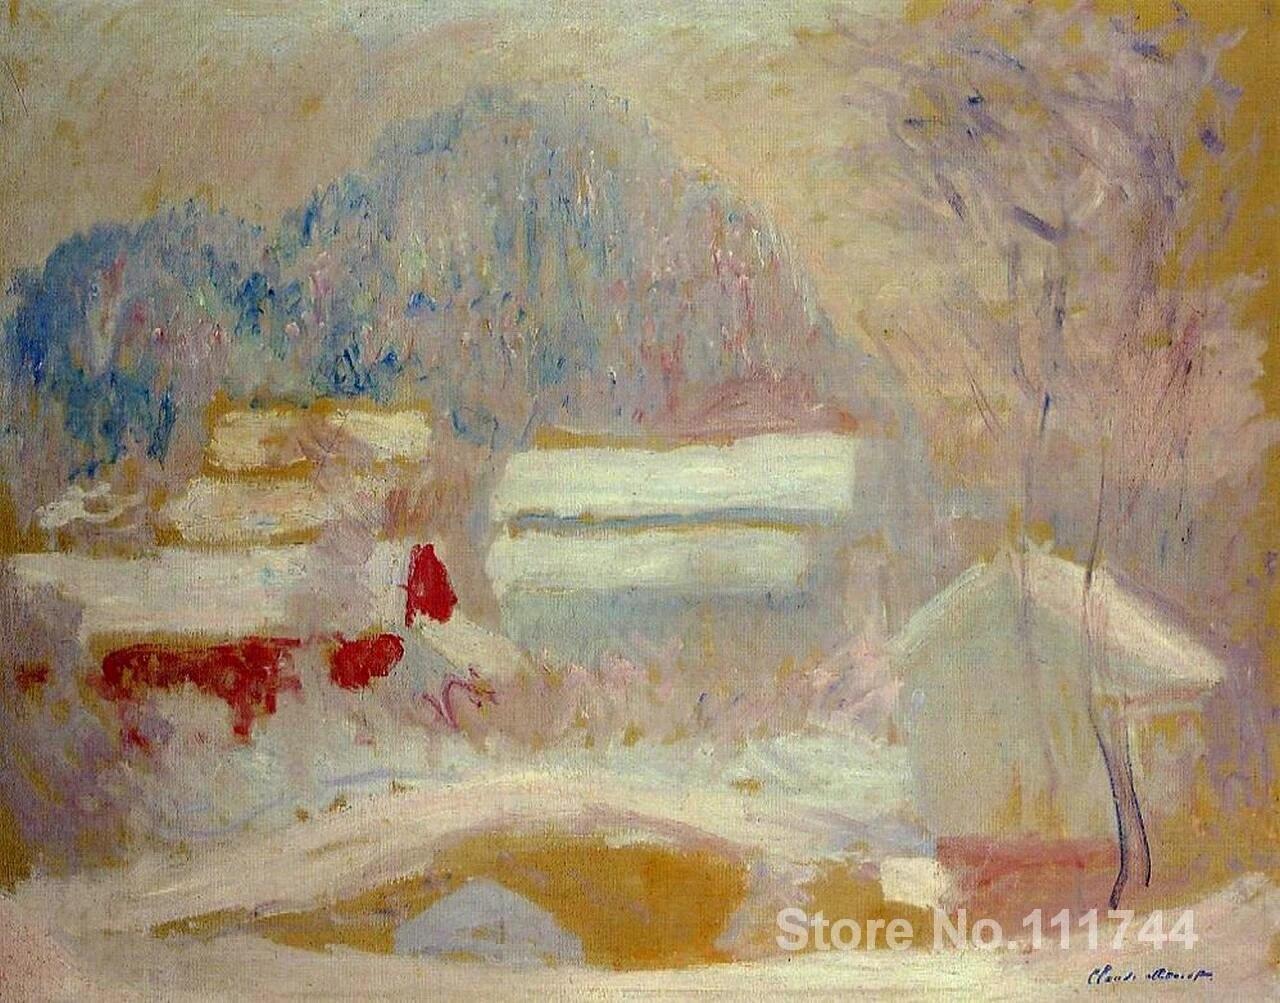 Peinture A L Huile Paysage Norvegien Sandviken Claude Monet Jardin Peinture A L Huile Reproduction Peinte A La Main Haute Qualite Aliexpress